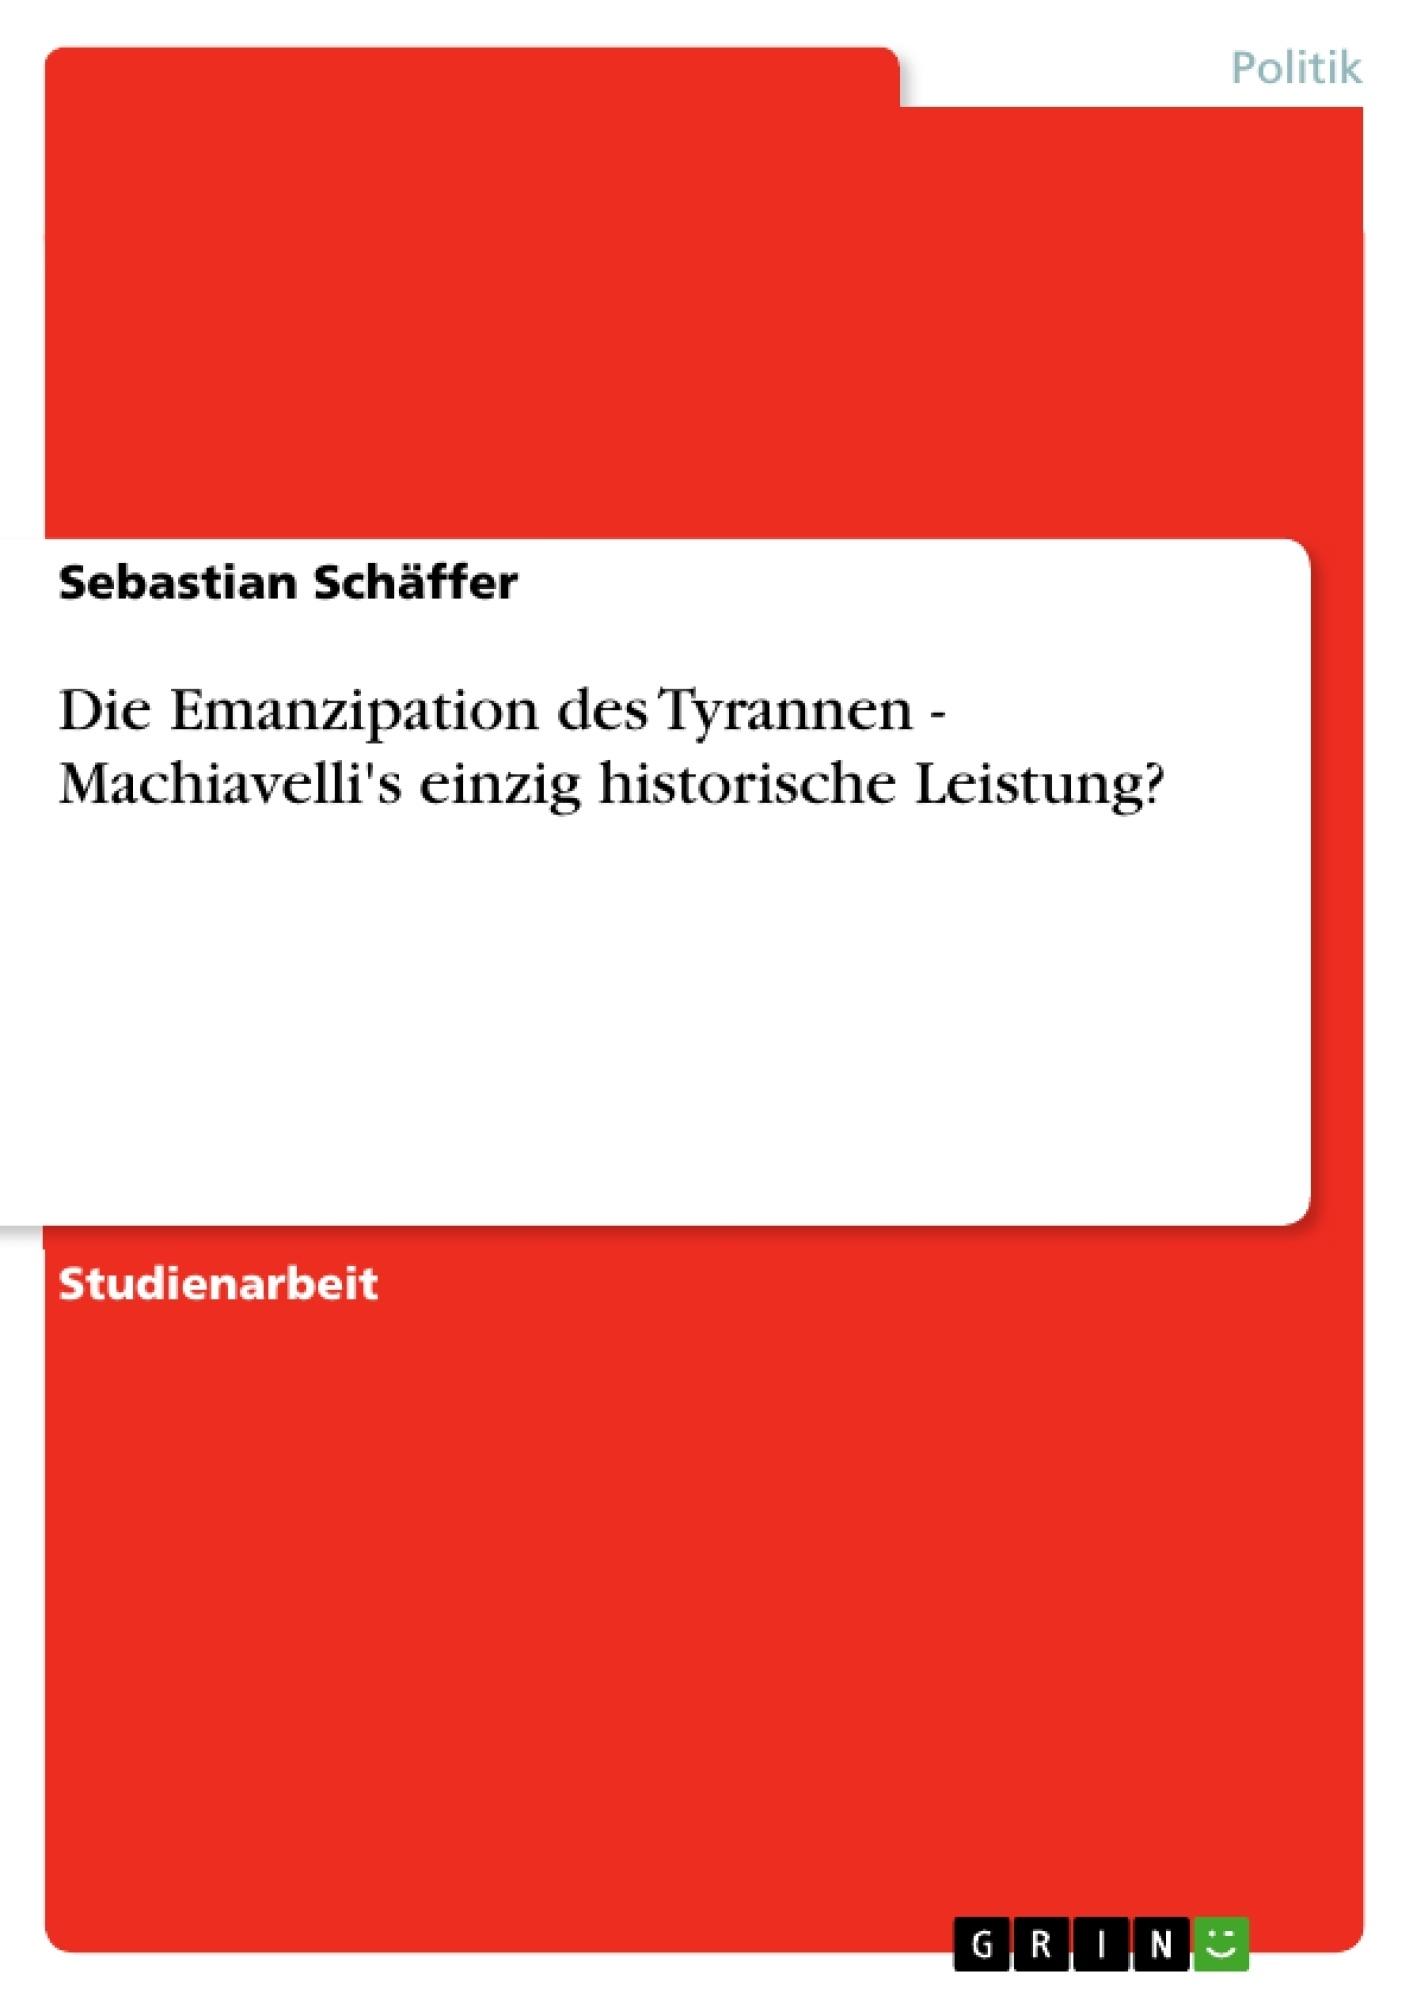 Titel: Die Emanzipation des Tyrannen - Machiavelli's einzig historische Leistung?